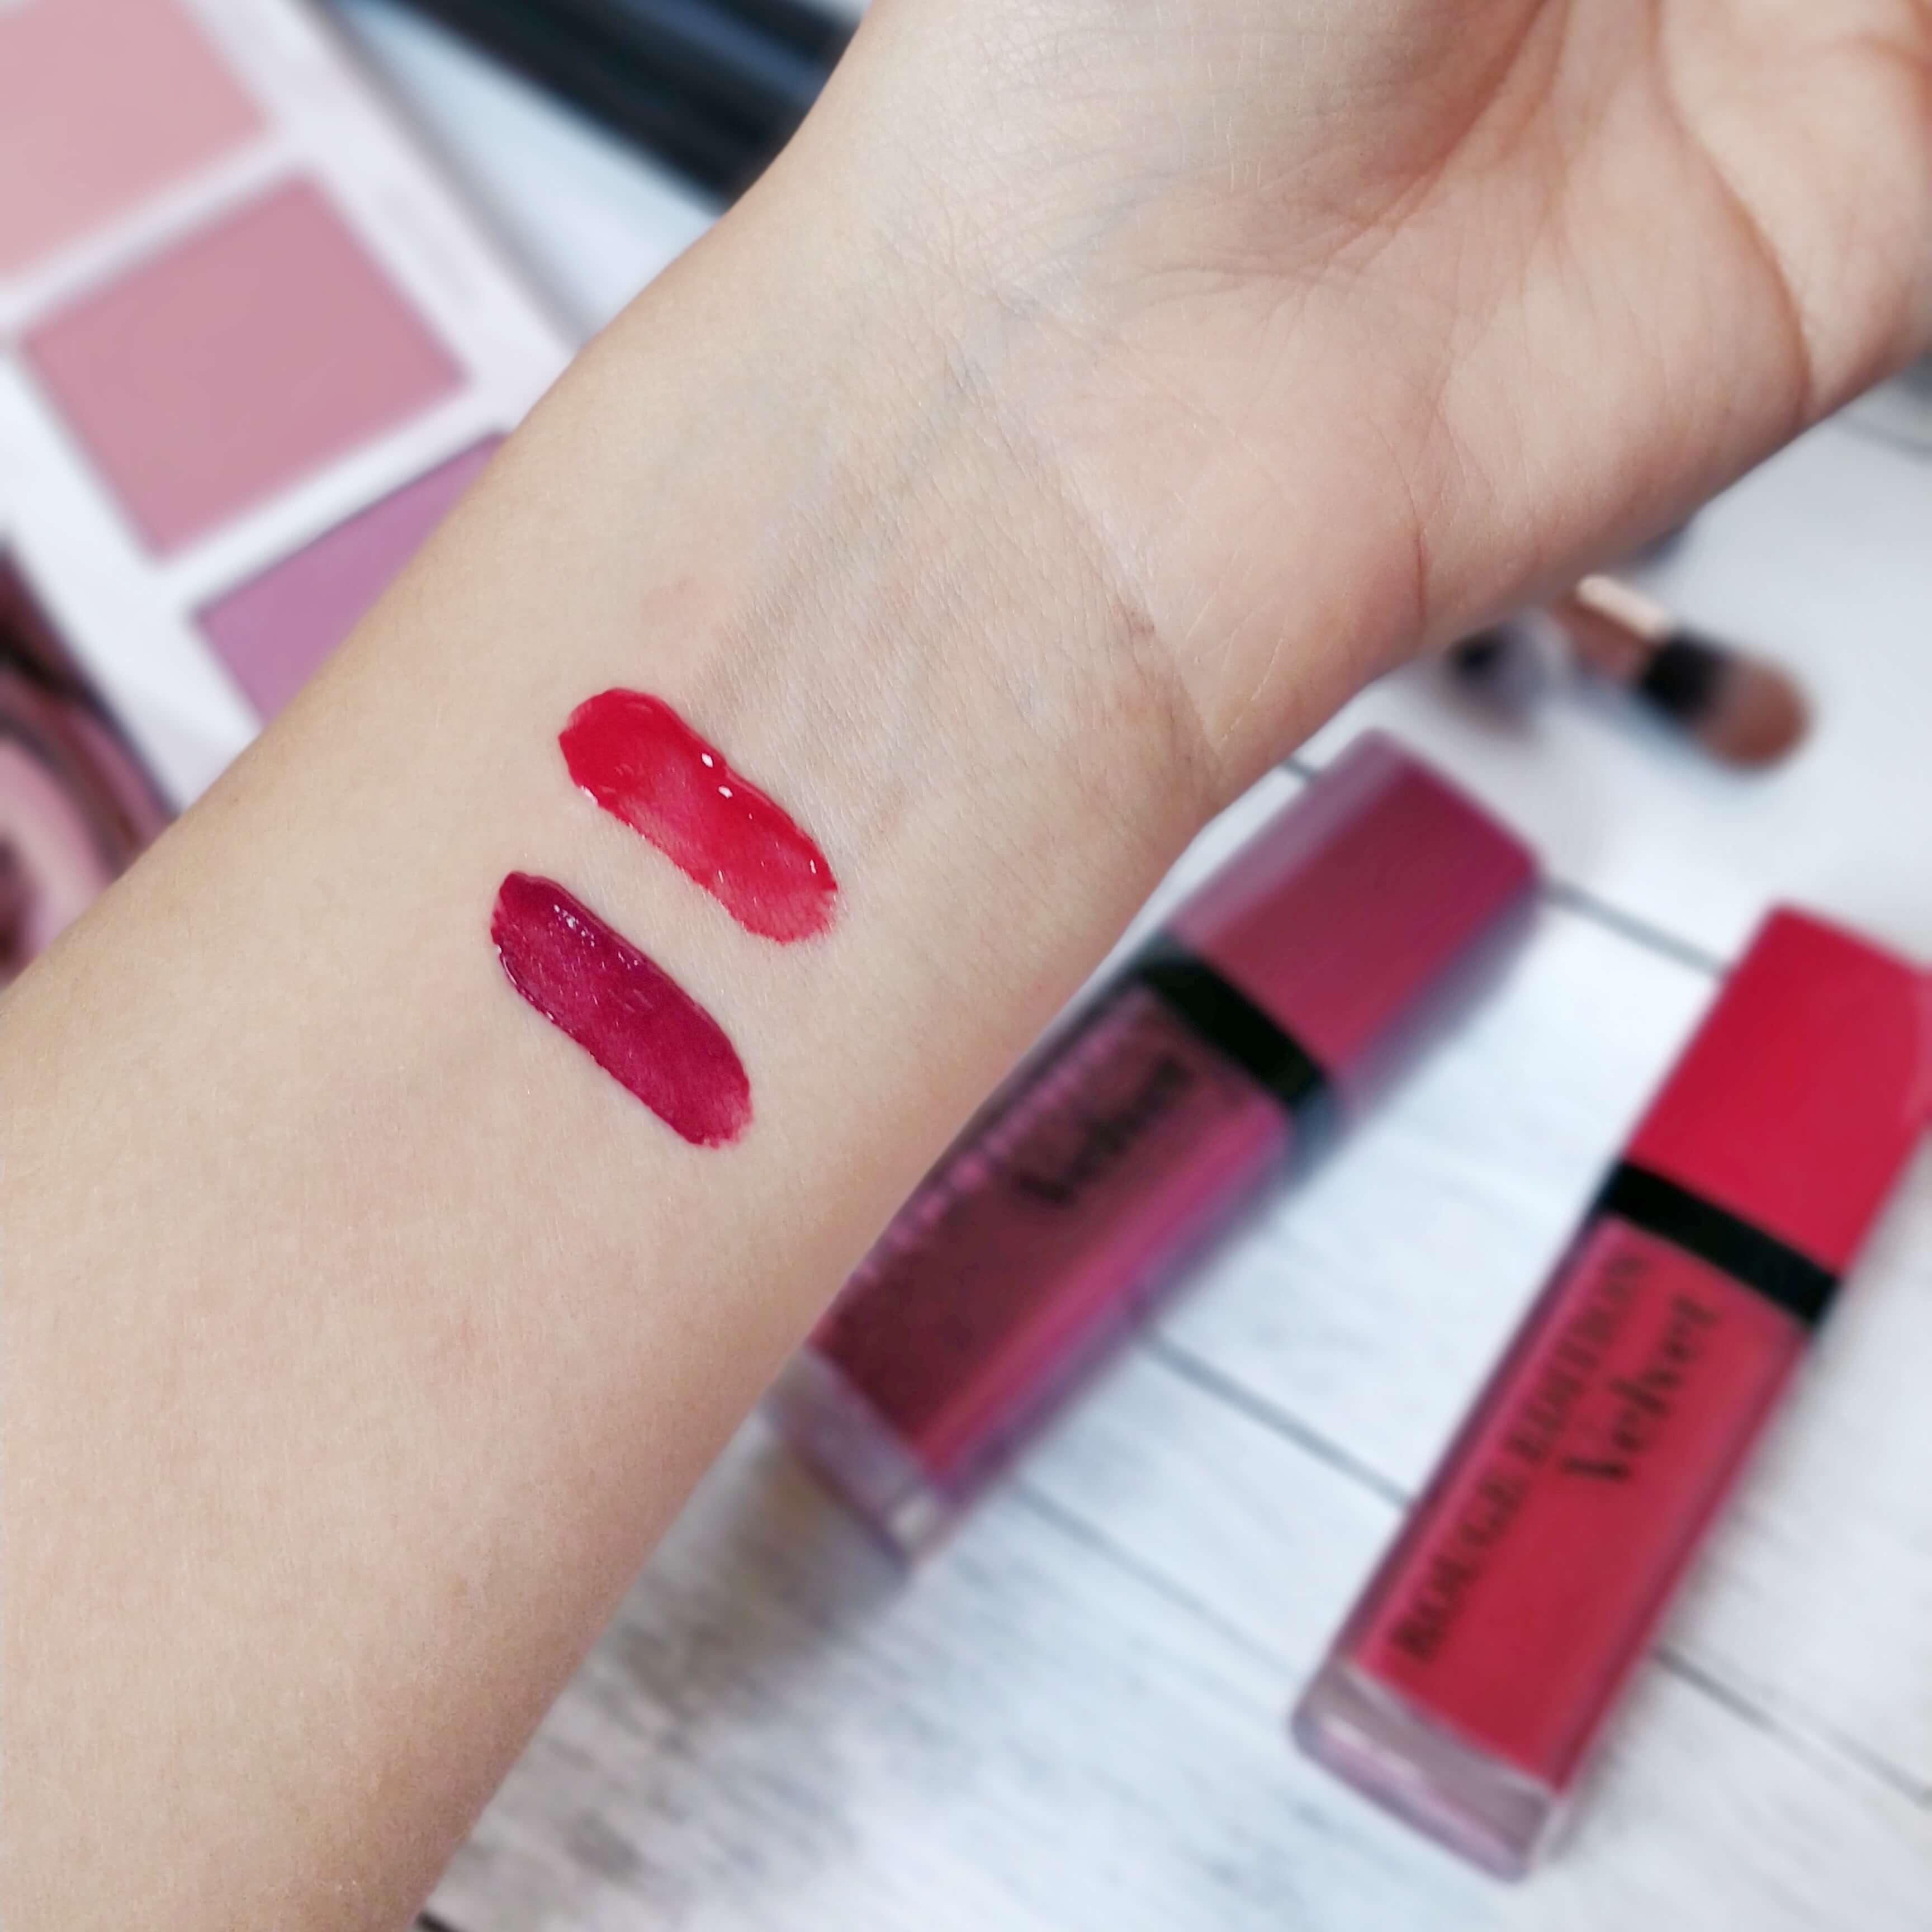 rouge à lèvres velvet bourjois swatch - Je teste une quarantaine de rouges à lèvres liquides !